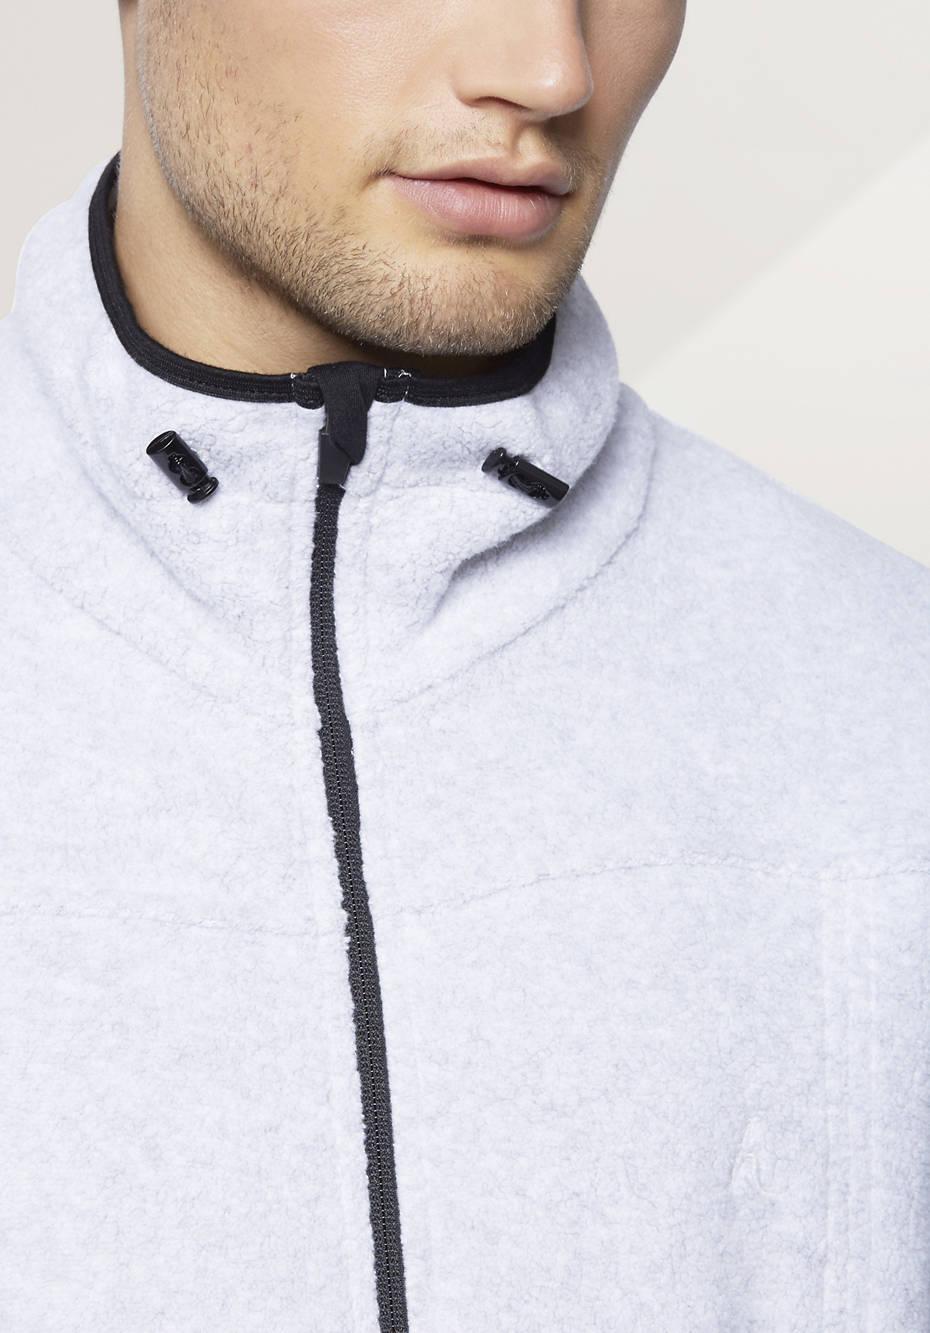 Herren Jacke aus reinem Bio-Baumwoll-Fleece